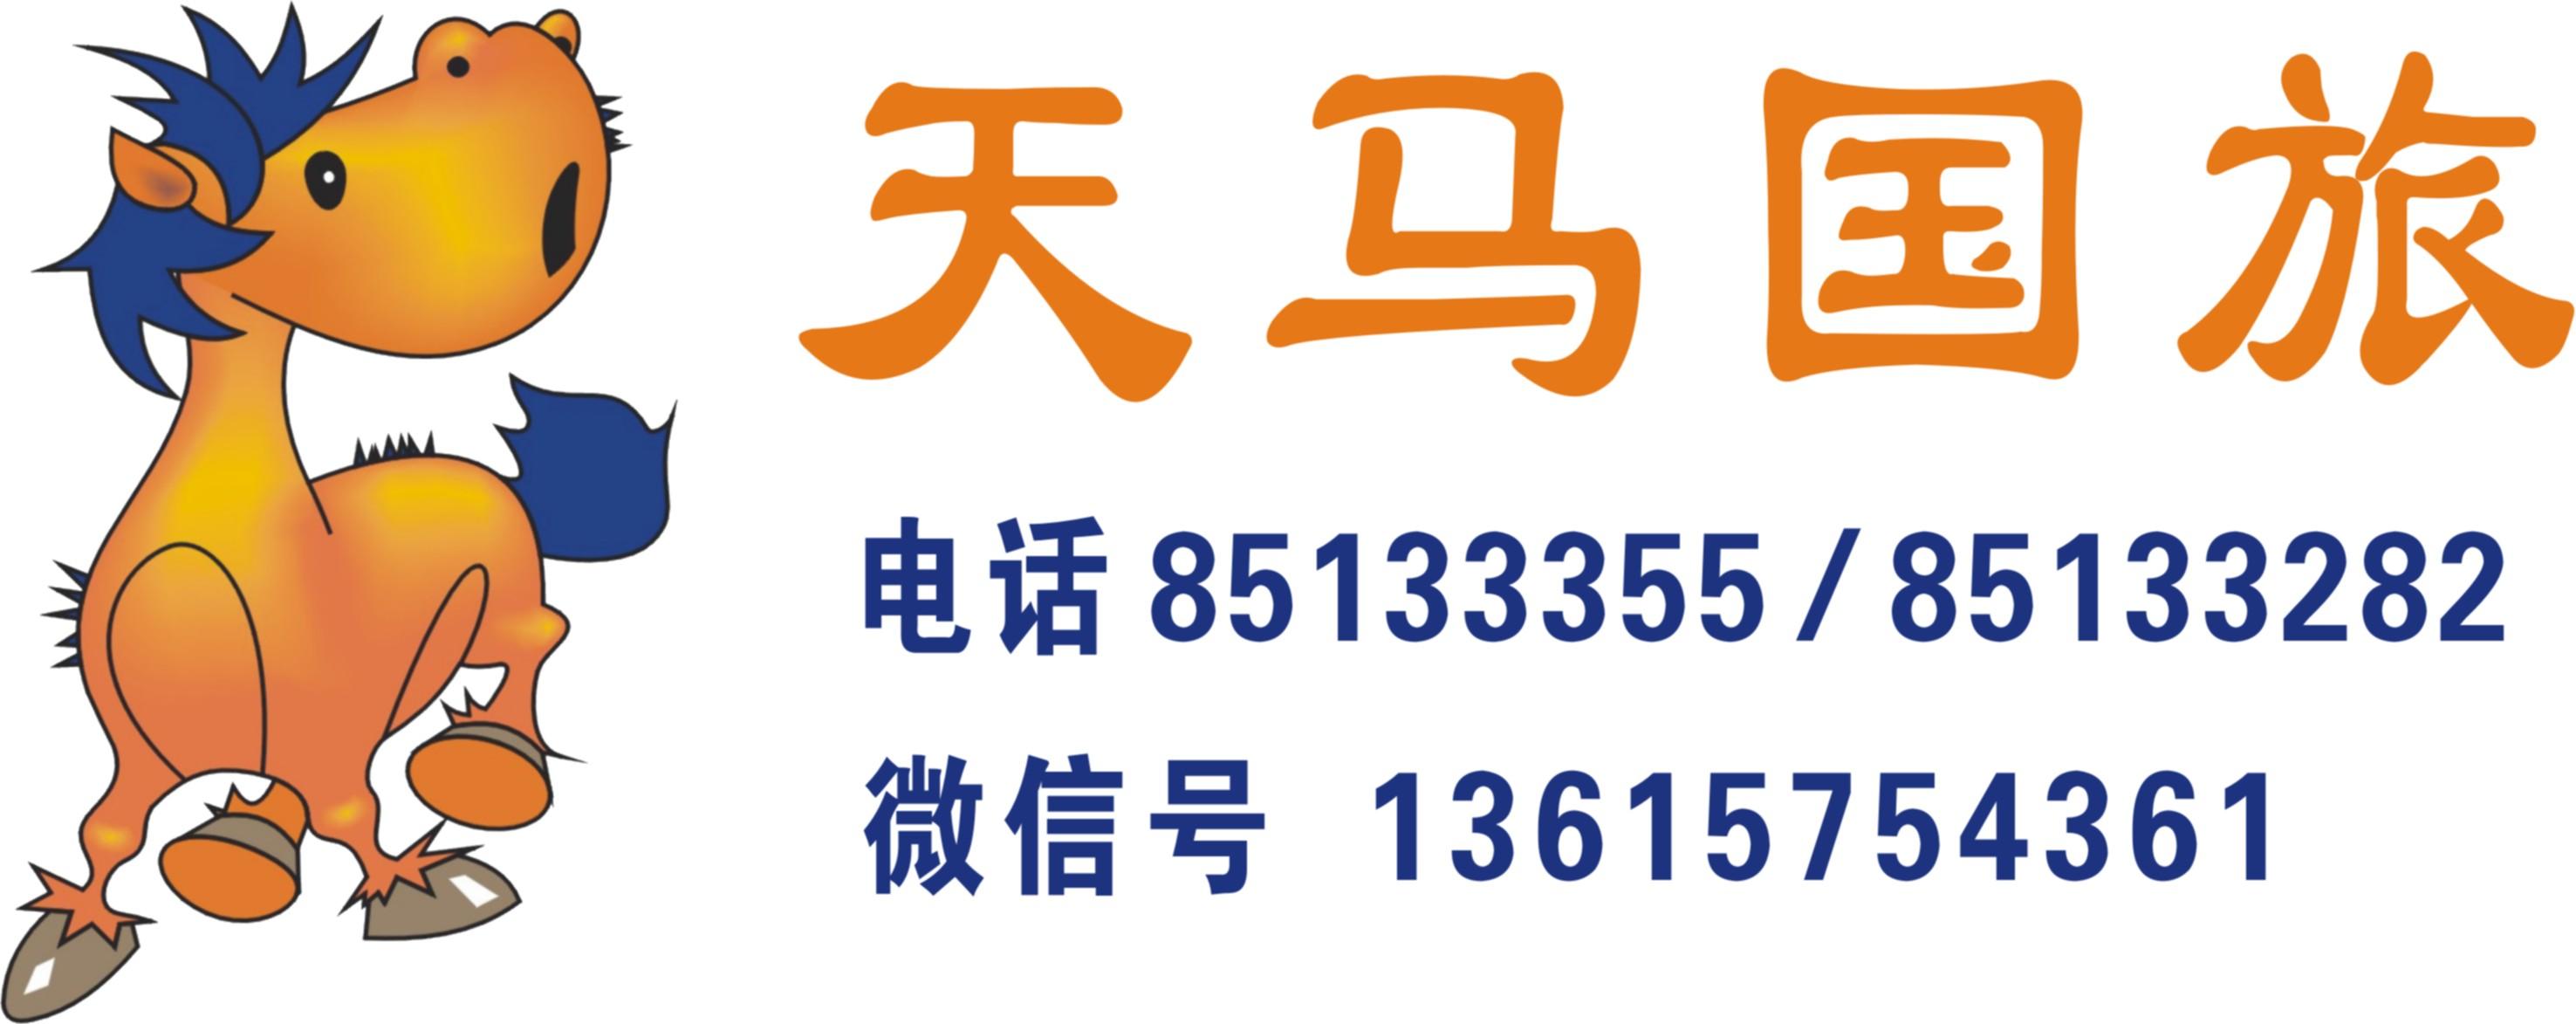 2.19【宁波方特东方神画世界乐园一日】含夜游